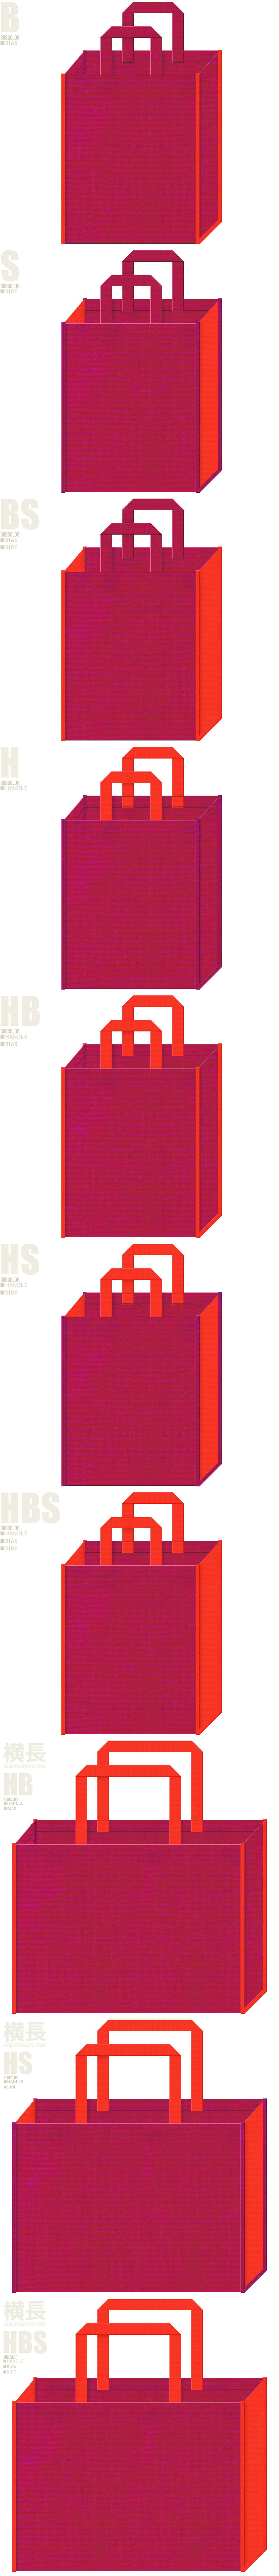 濃いピンク色とオレンジ色、7パターンの不織布トートバッグ配色デザイン例。